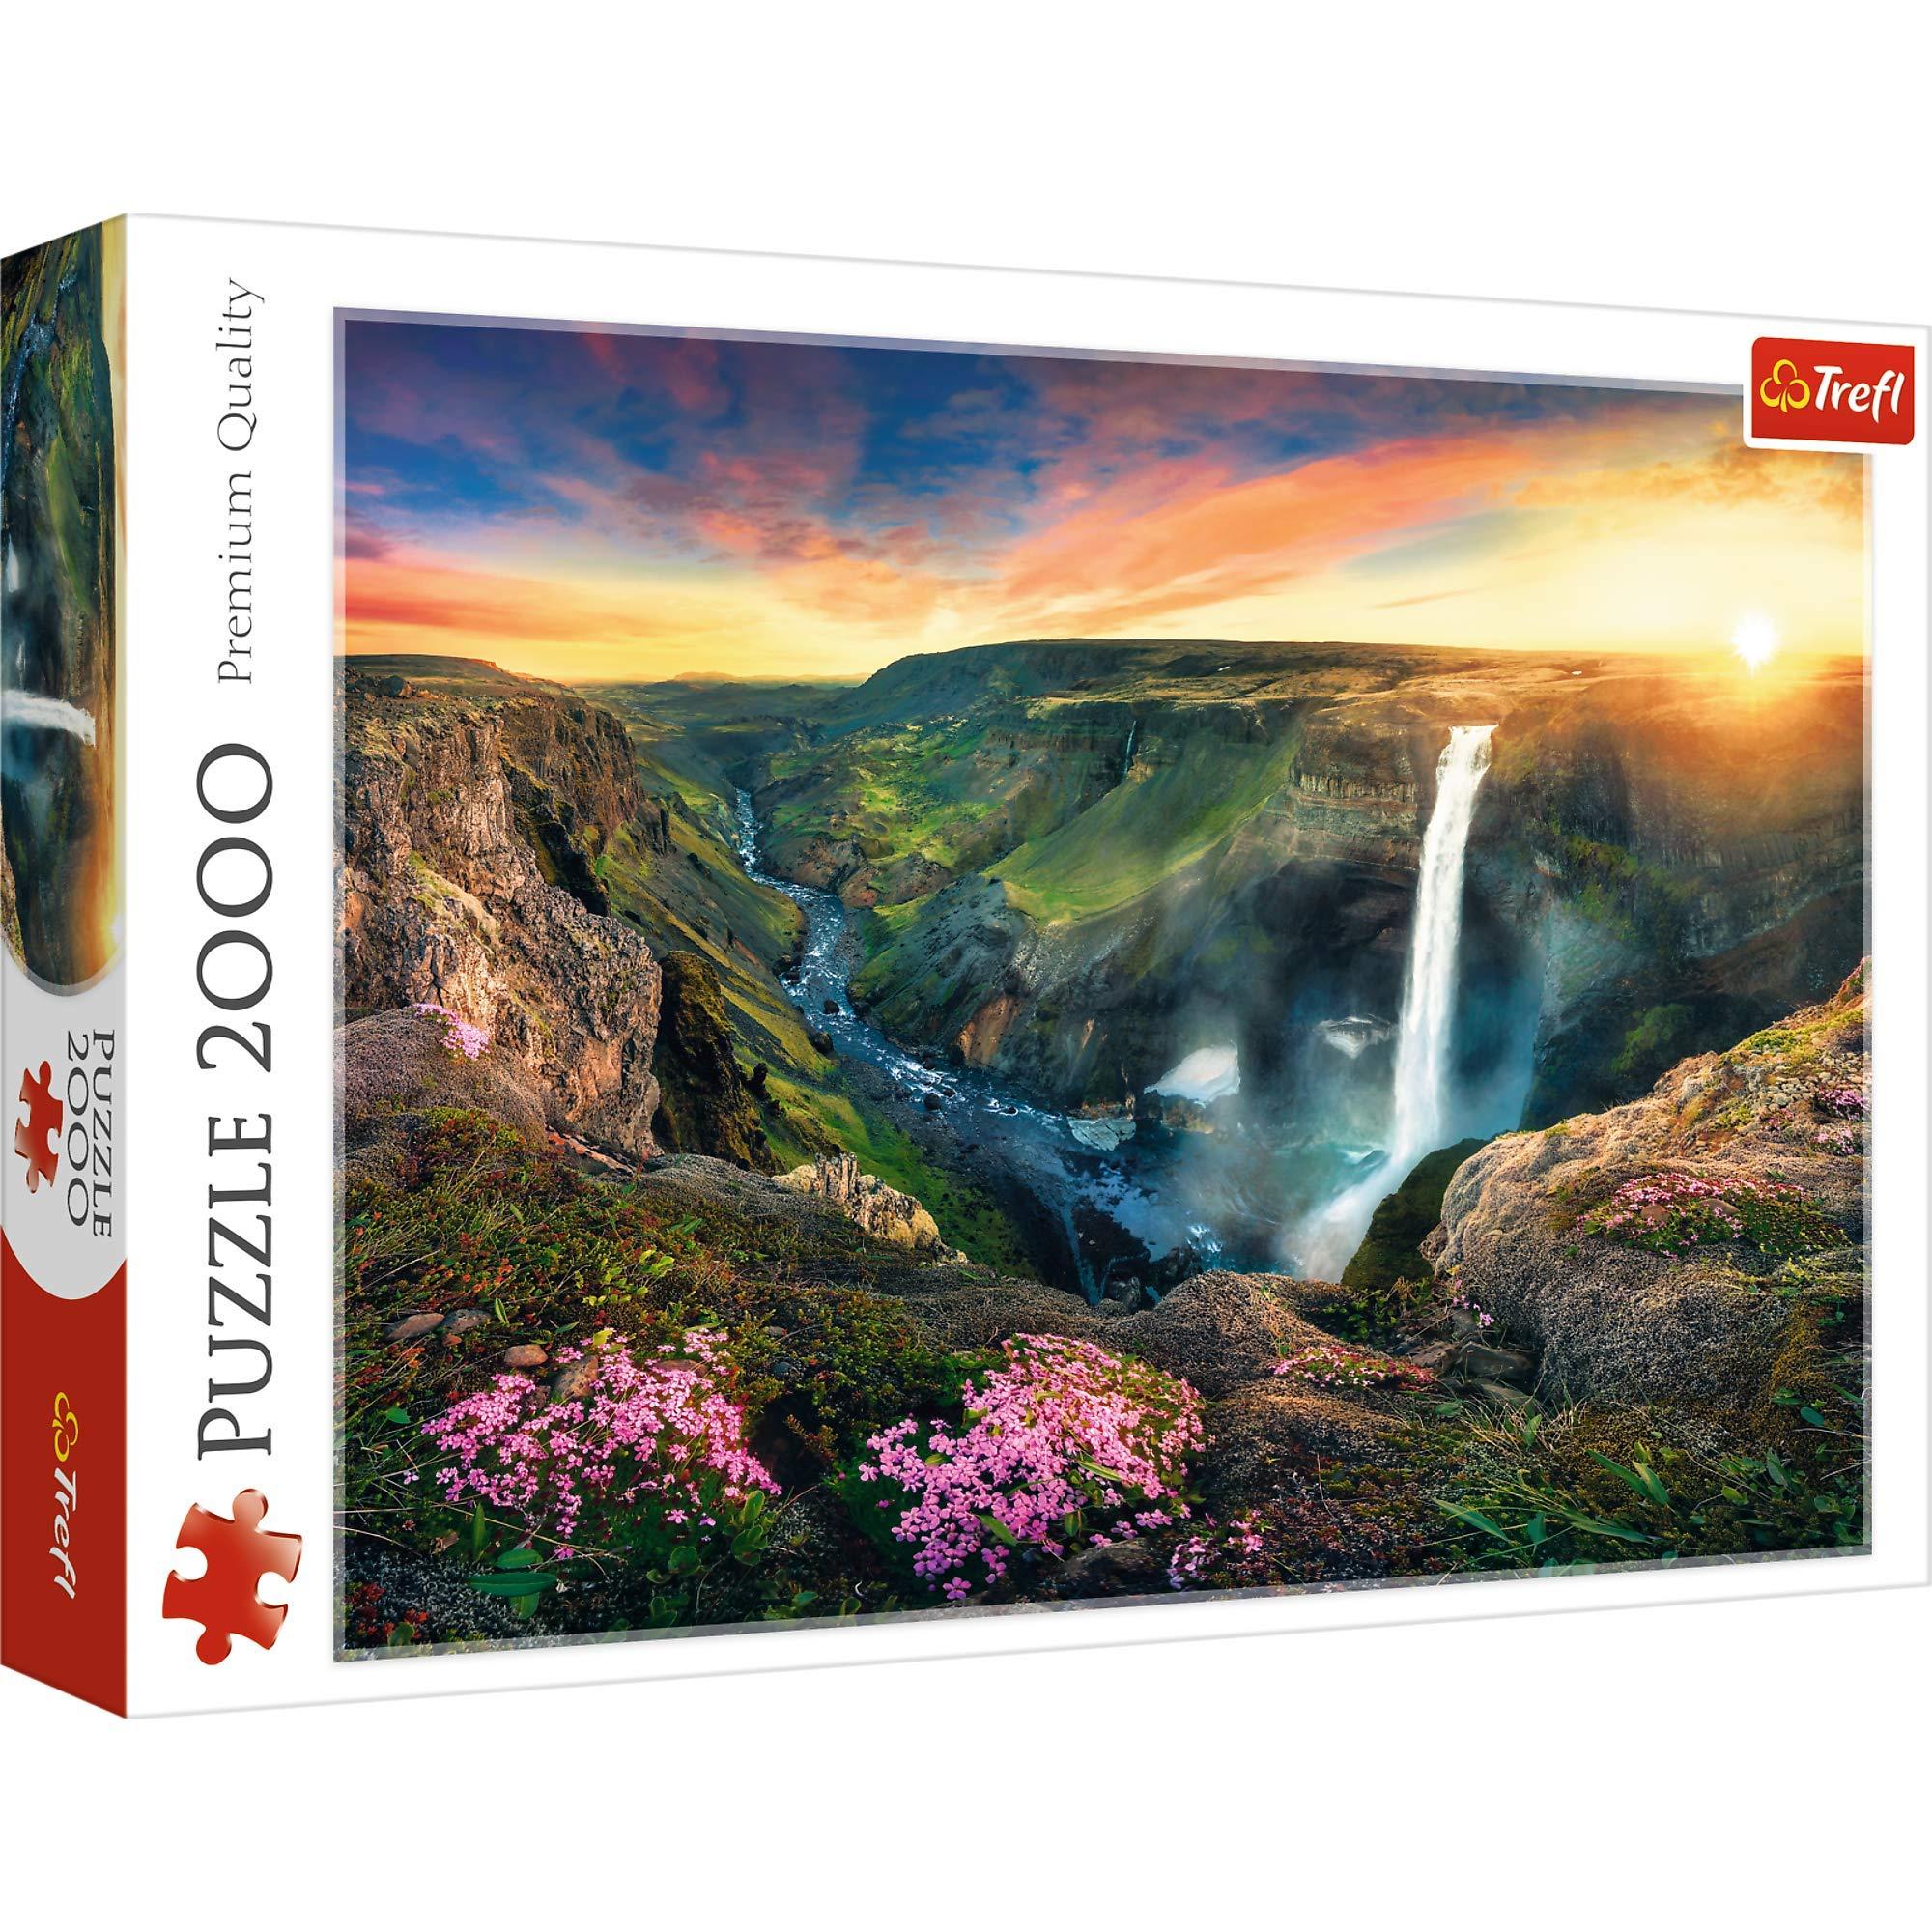 Clementoni 32561 Clementoni-32561 Collection-Fascination with Matterhorn-2000 Pieces Multi-Colour